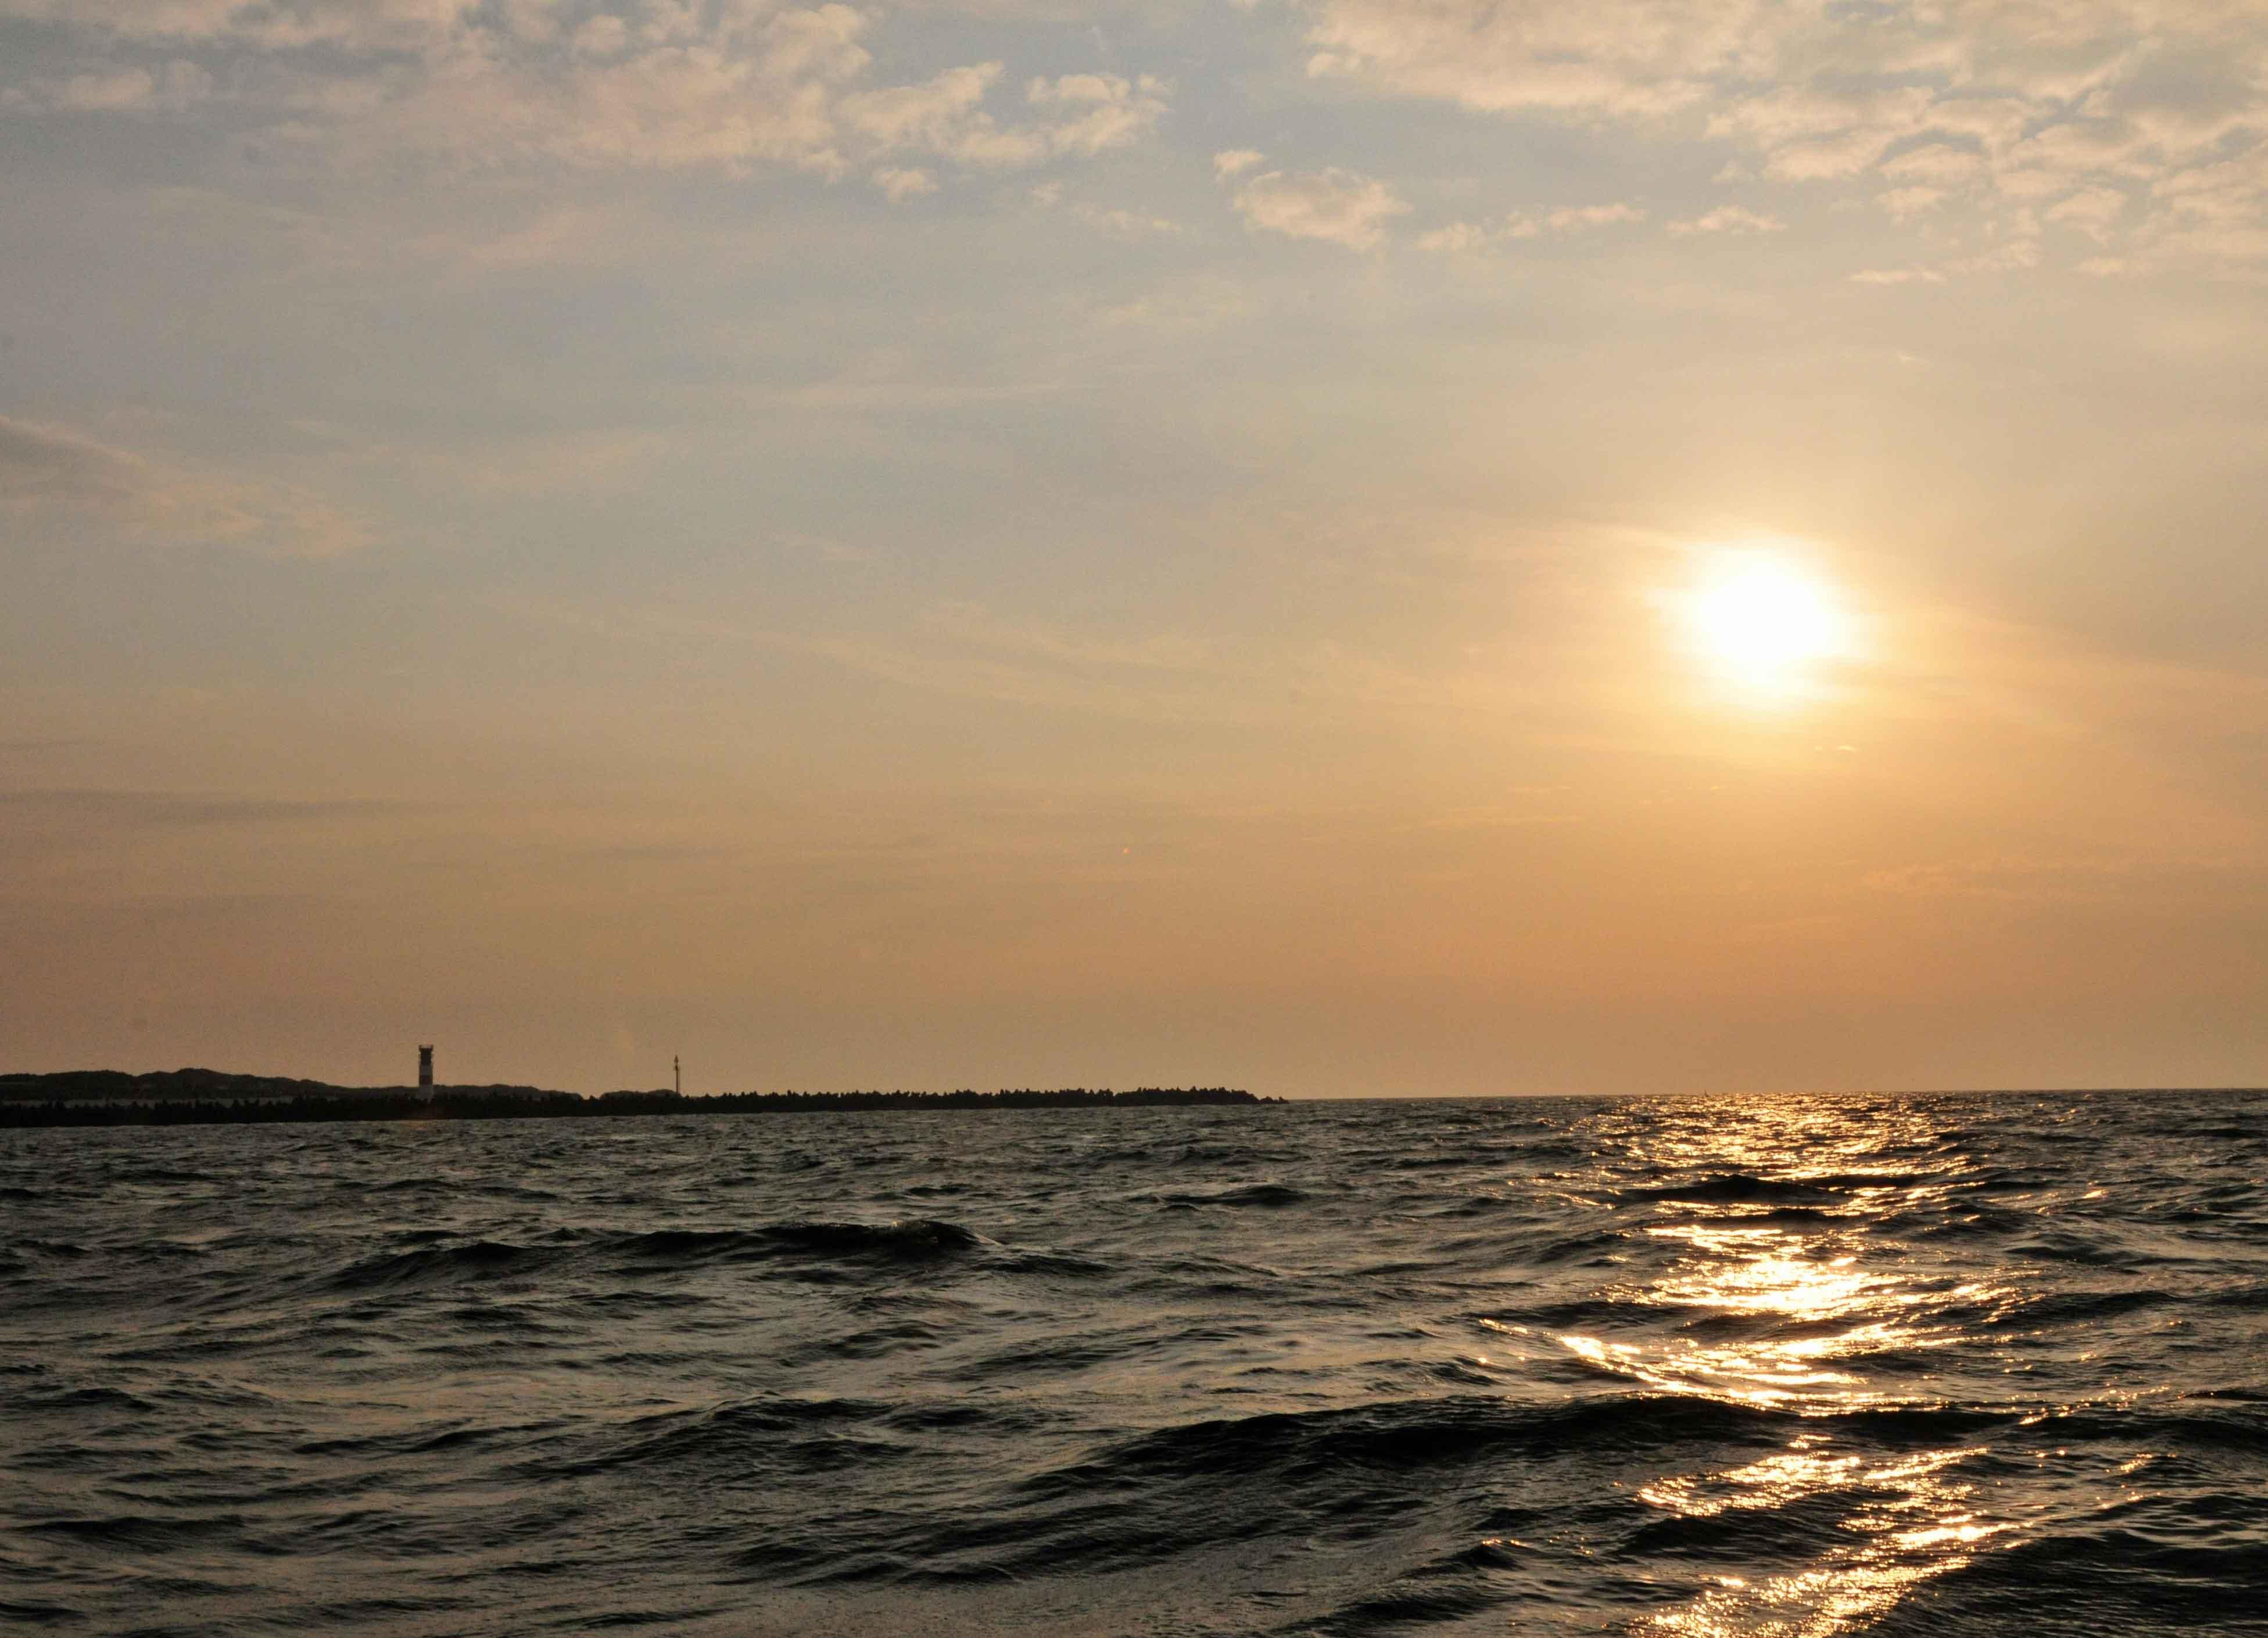 Sonnenaufgang über der Helgoländer Düne. Bestimmt habe ich tausend Sonnenuntergangs- und -aufgangsbilder.  Mit jedem Jahr werden es mehr.